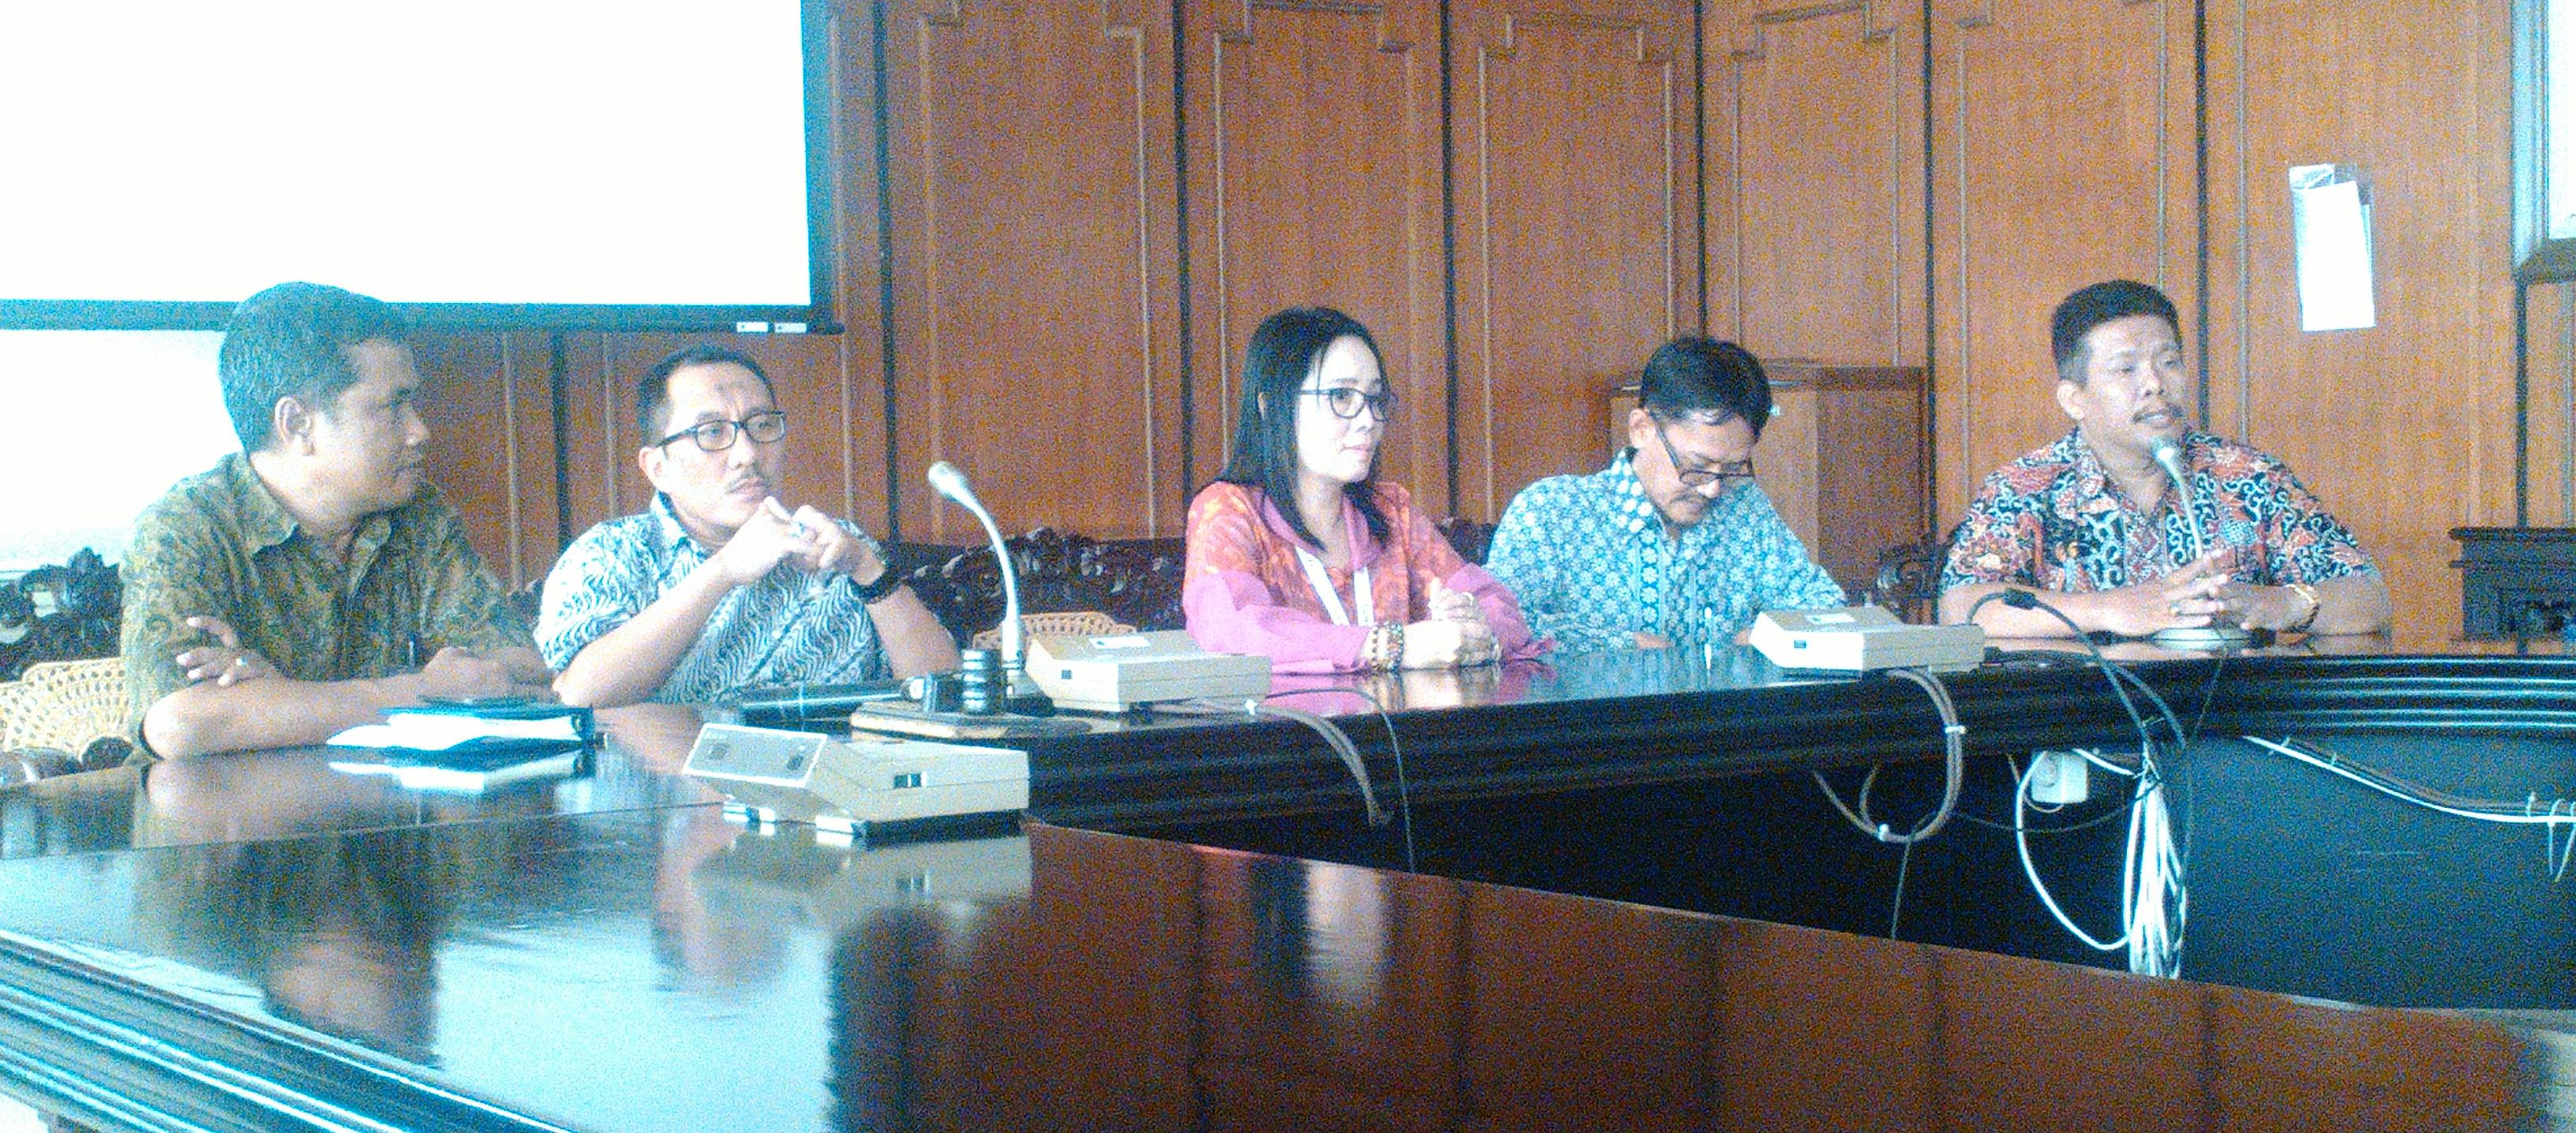 Rapat Kerja: Evaluasi Pelaksanaan Program Kerja Biro AKPIK Semester Genap